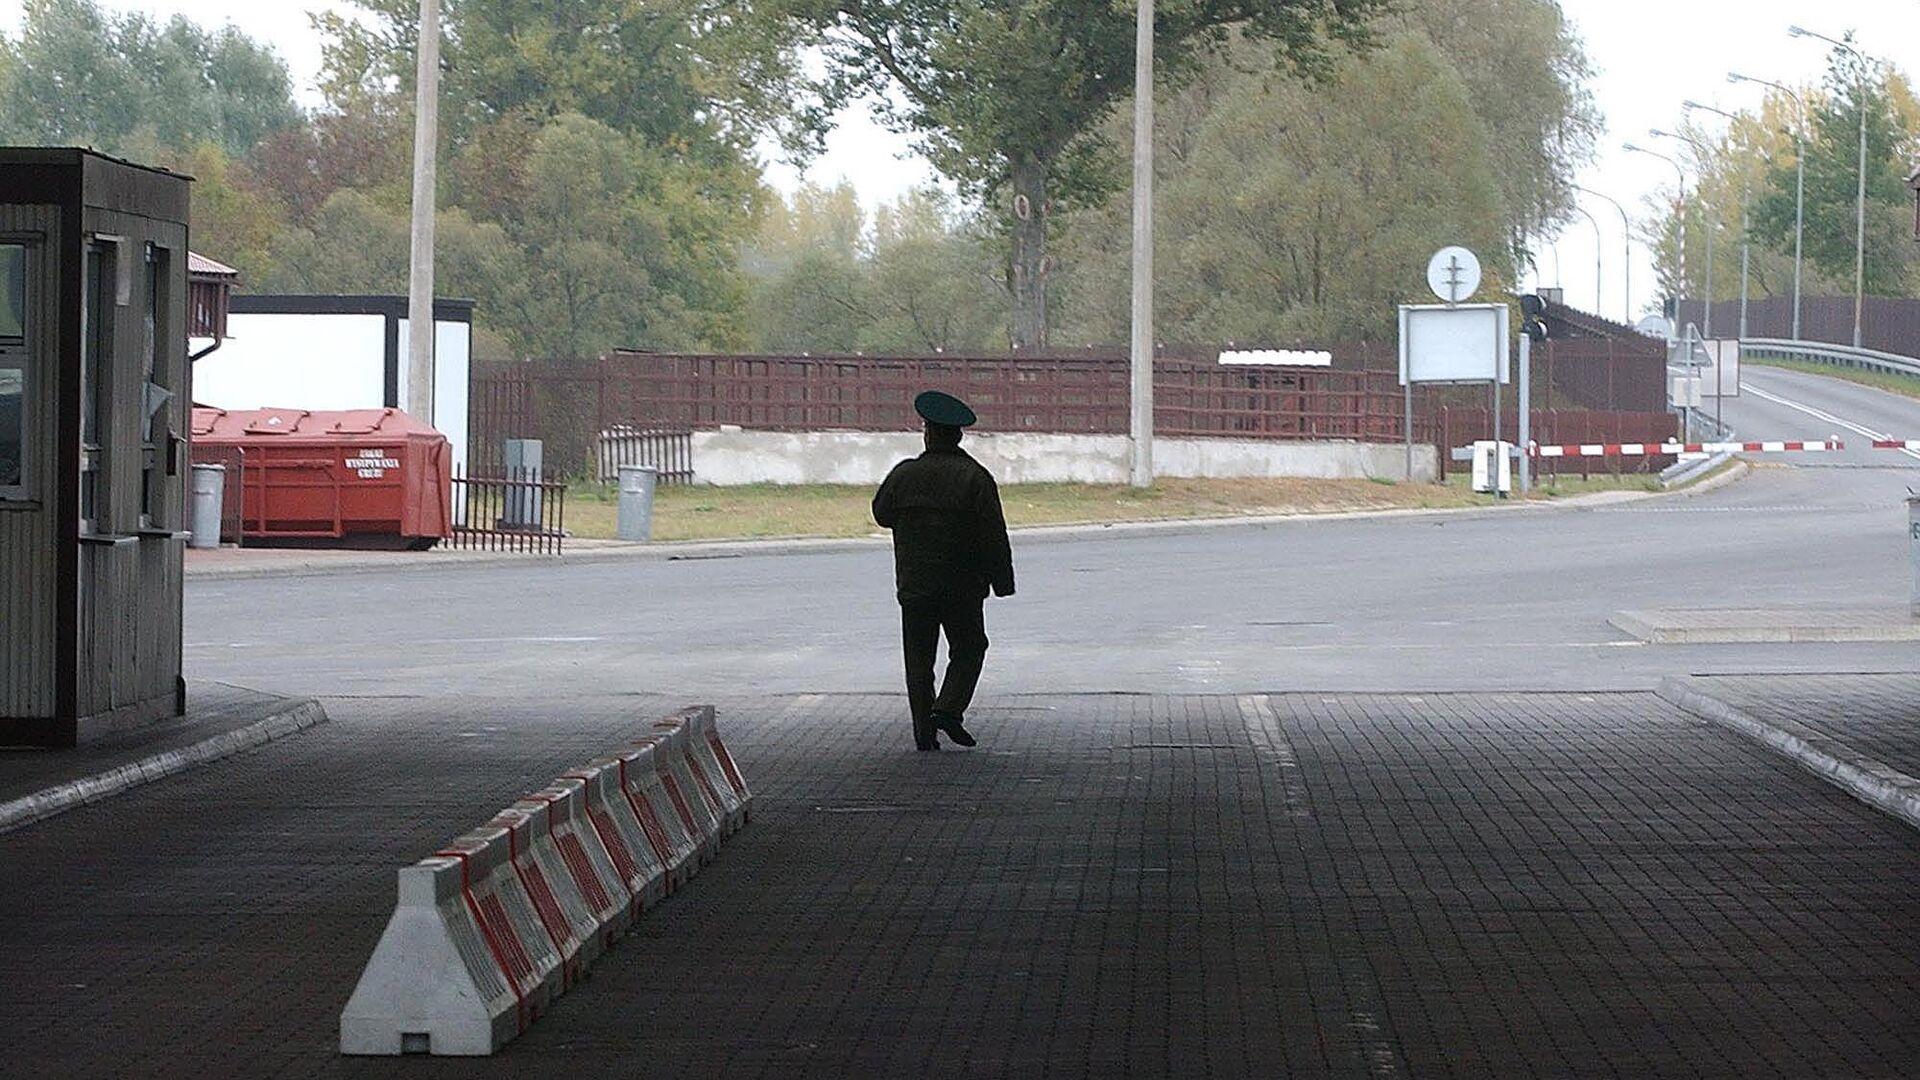 Пограничник на границе между Белоруссией и Польшей - РИА Новости, 1920, 13.08.2021